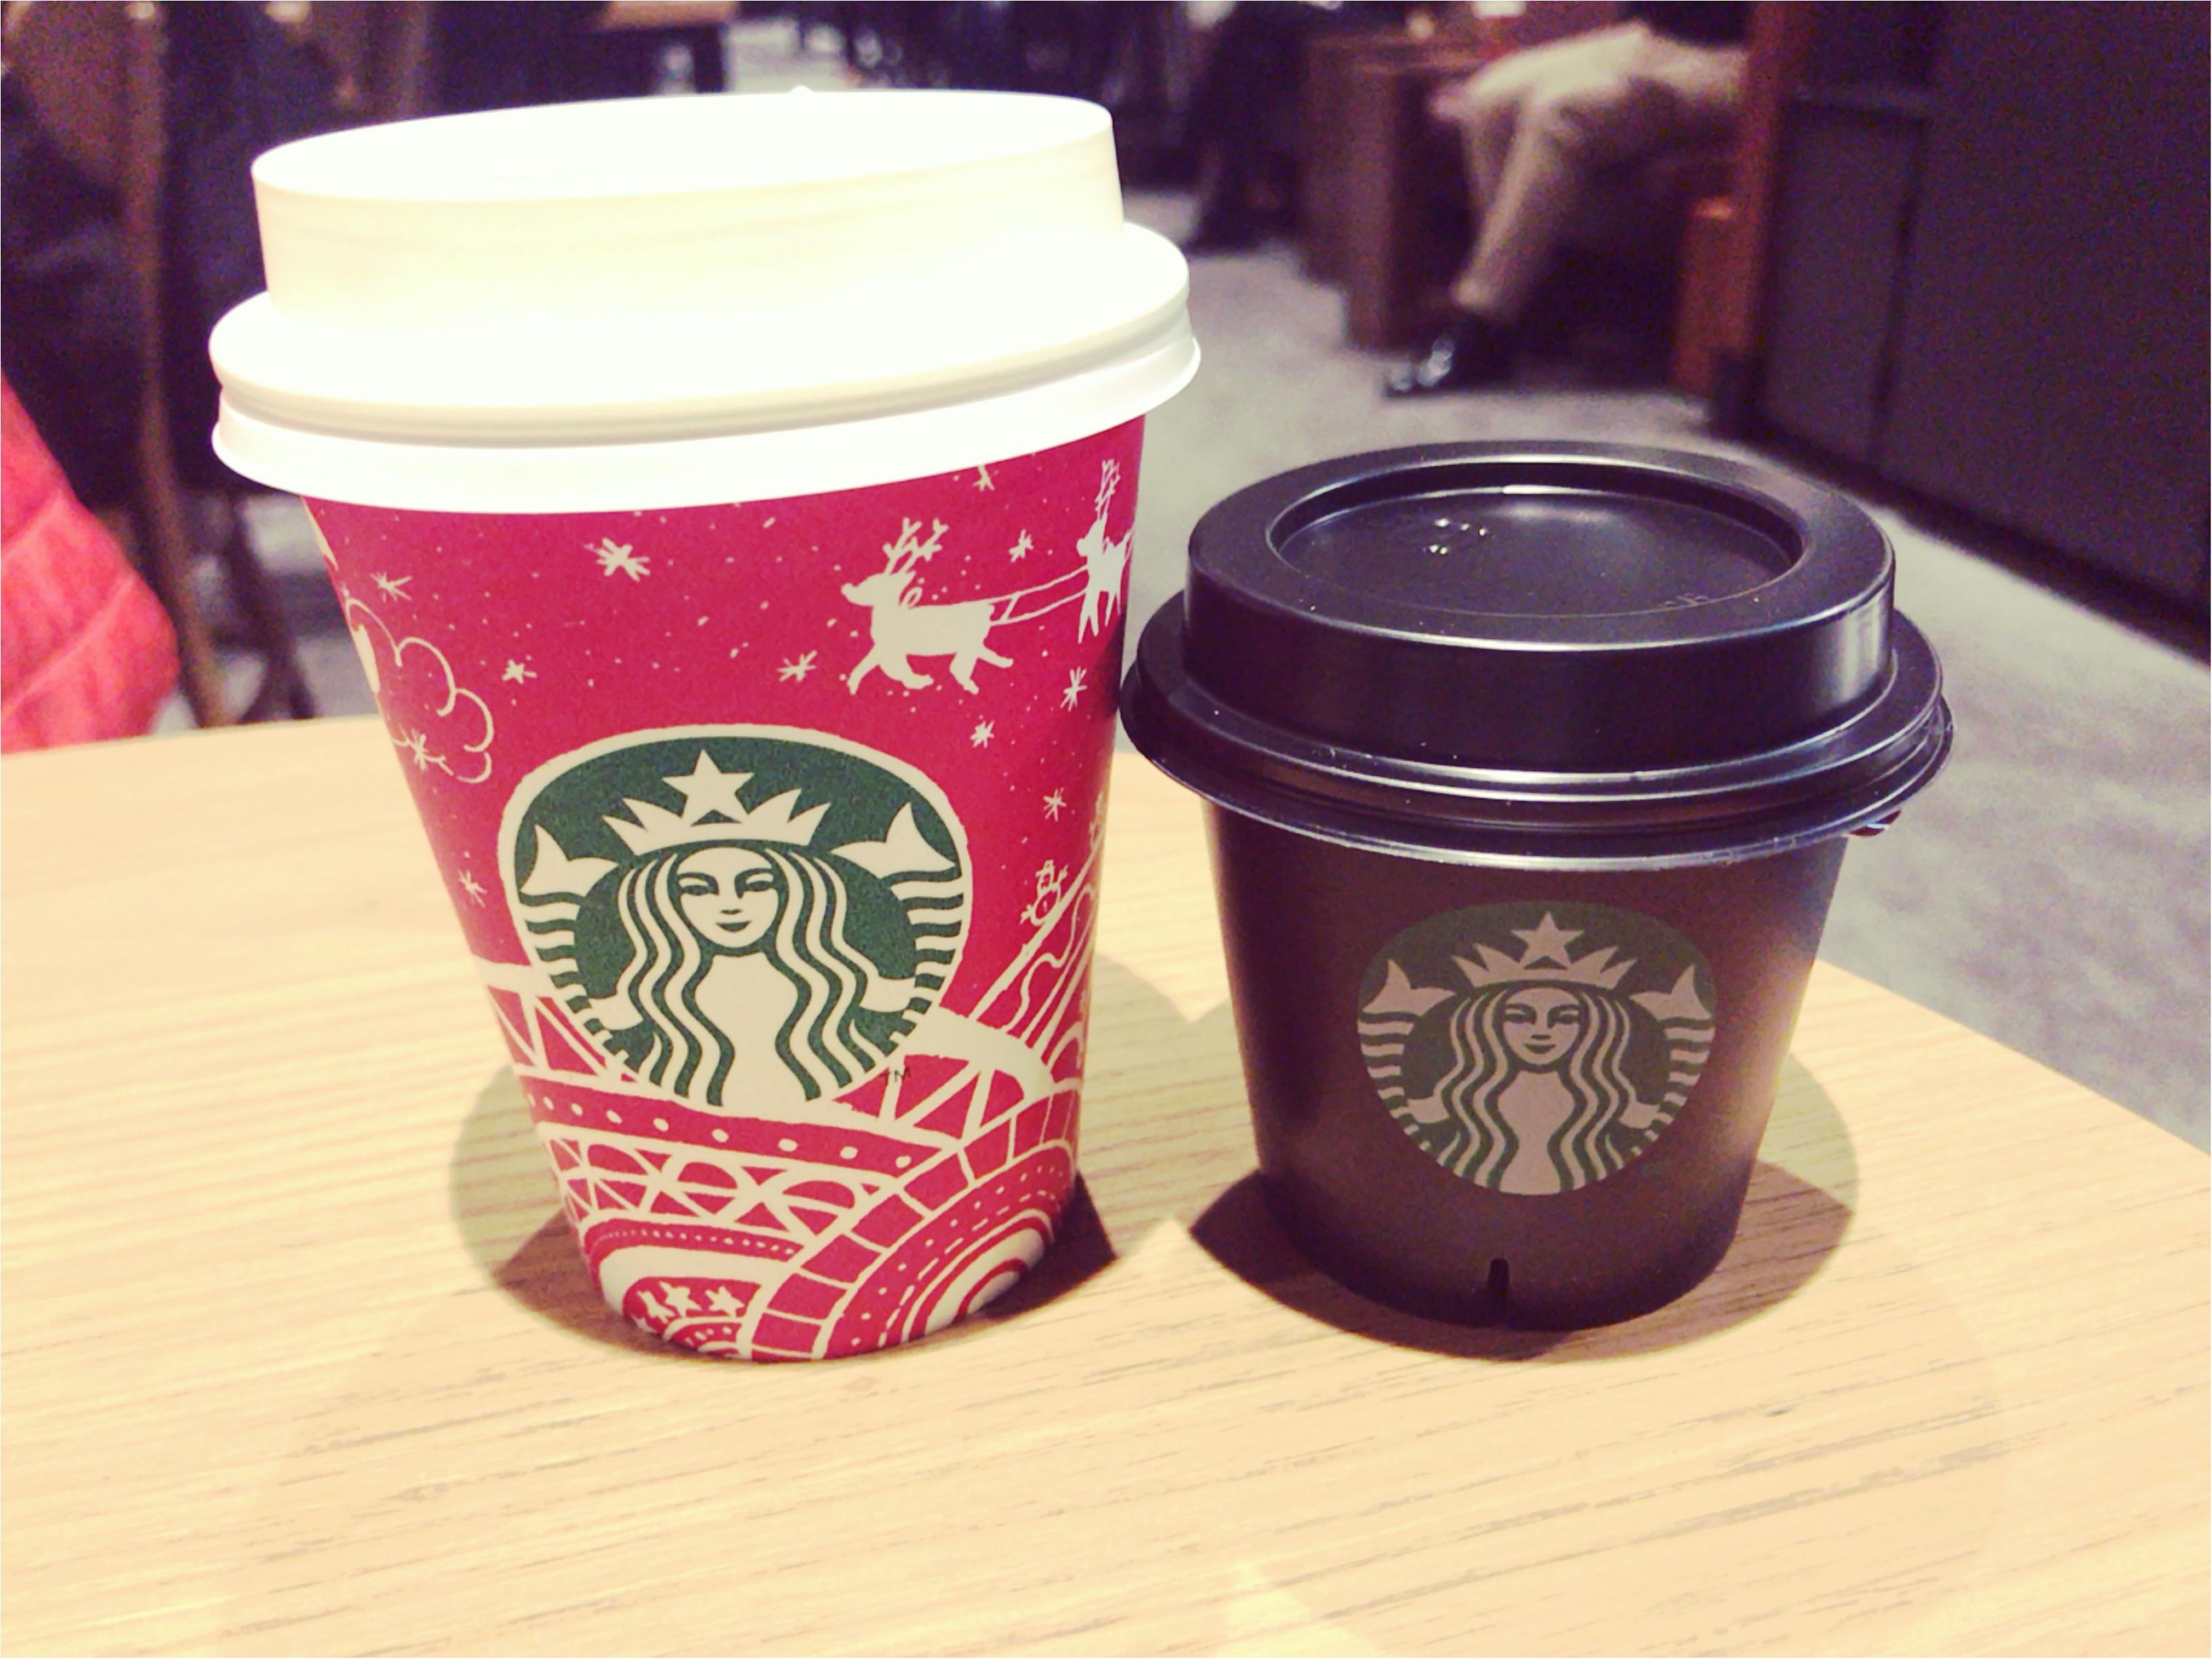 getするには朝1に?話題のスタバプリン♡使い道たっぷりのカップに新色が登場♡_1